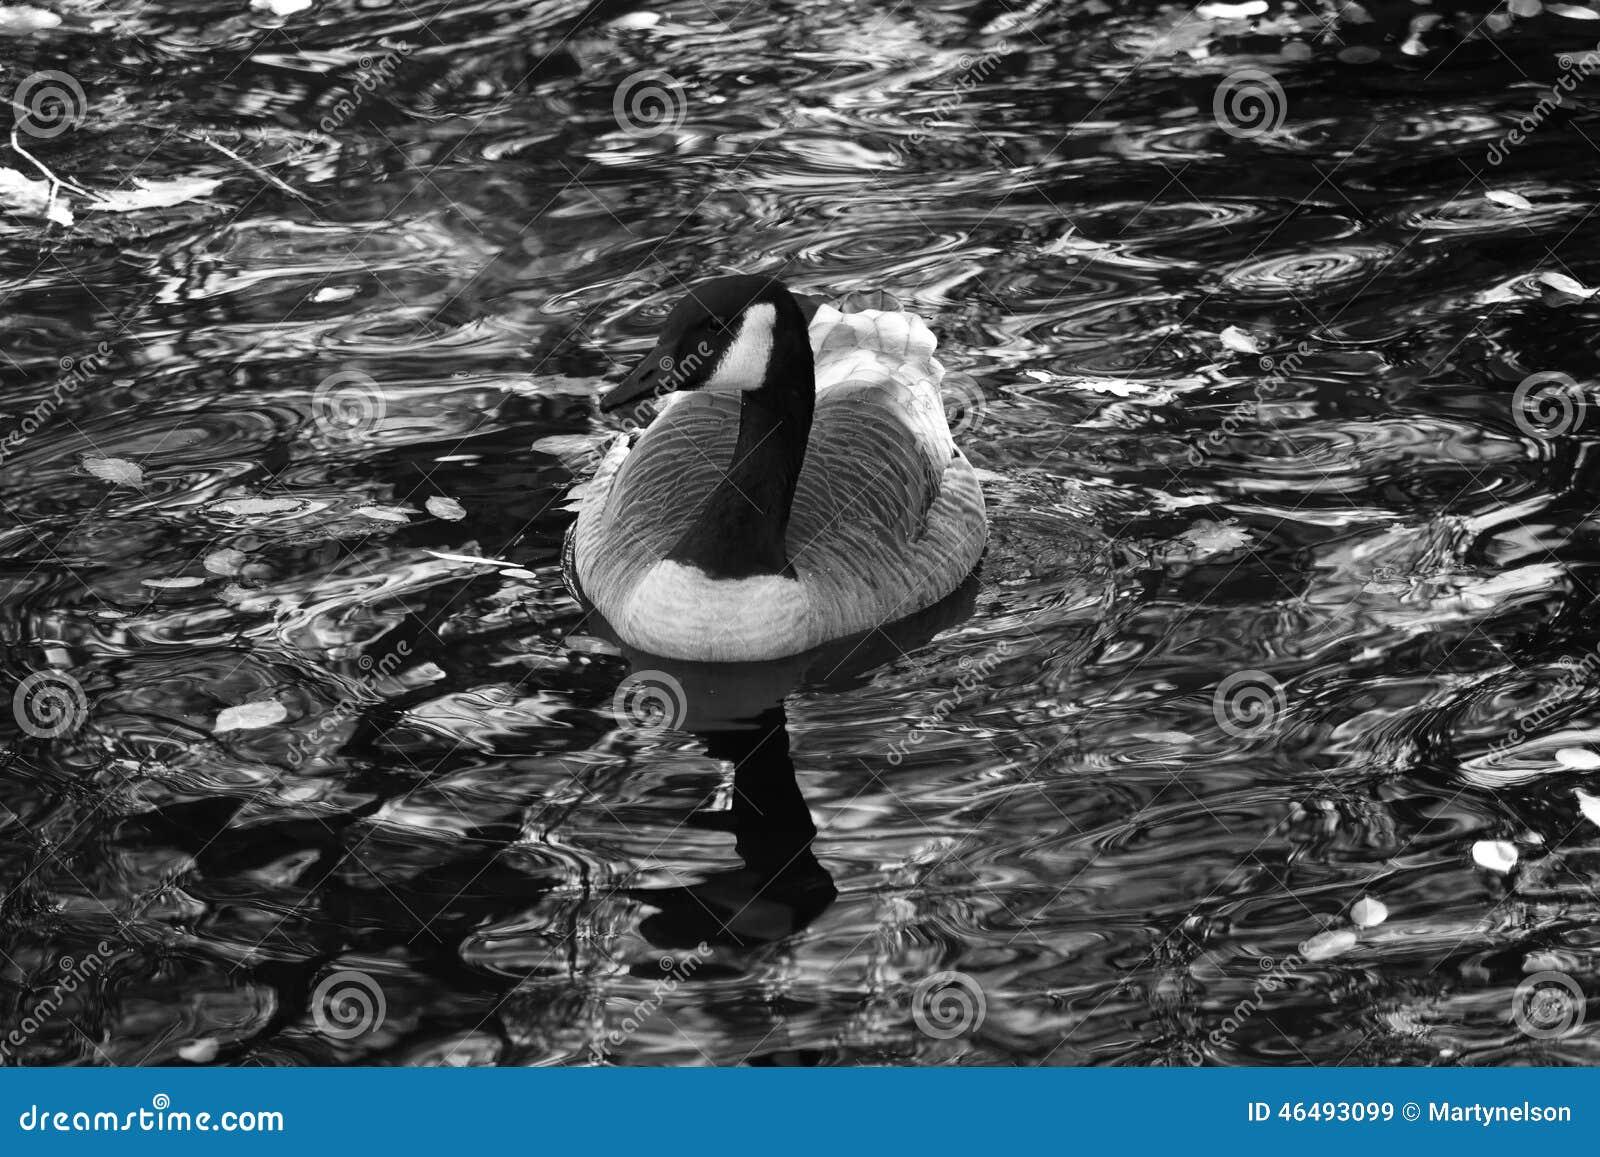 canada goose shop miami